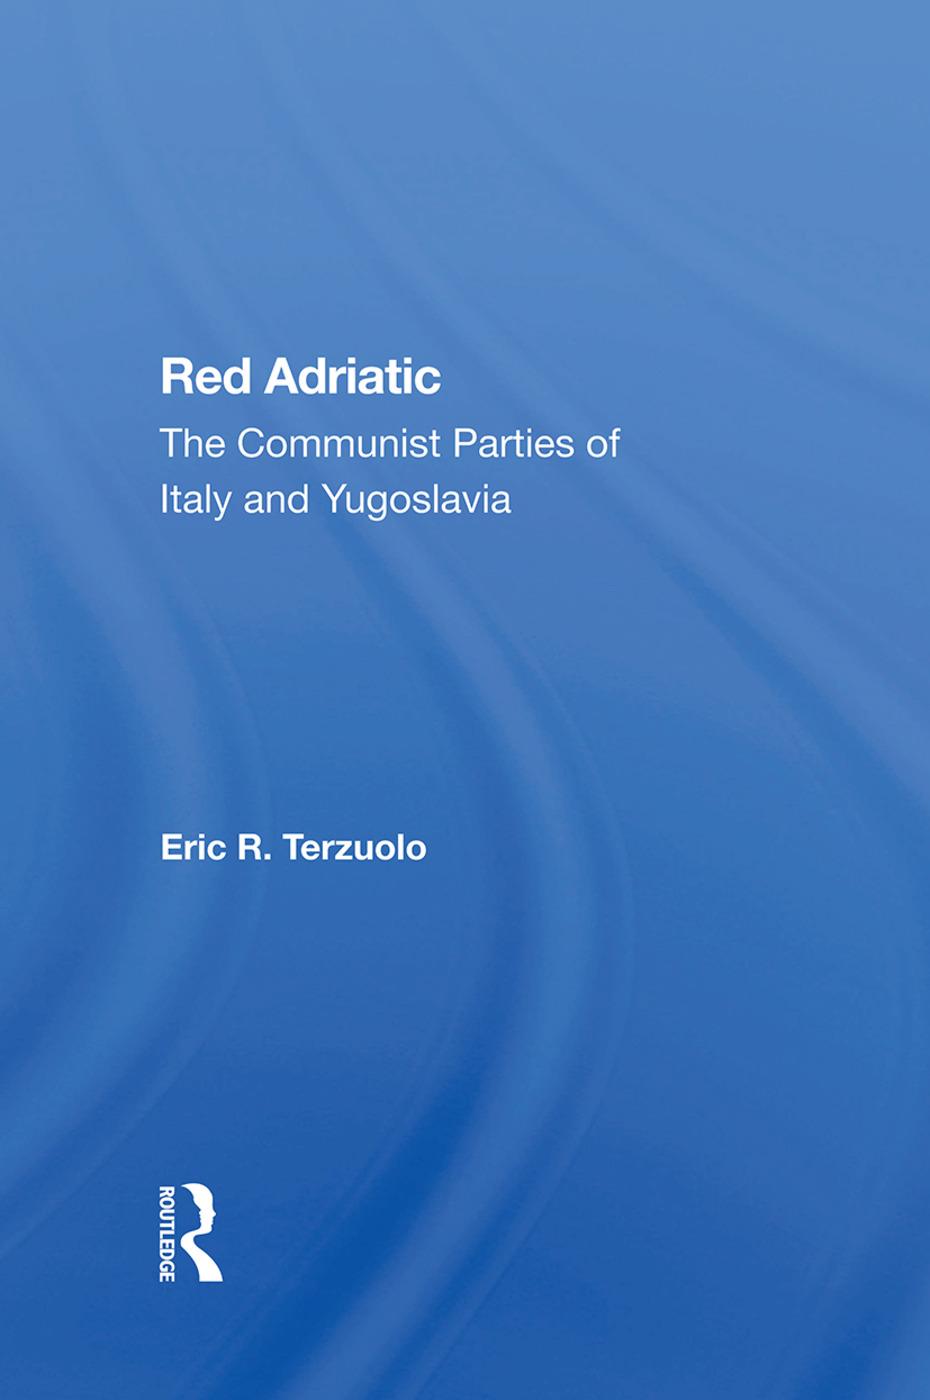 Red Adriatic